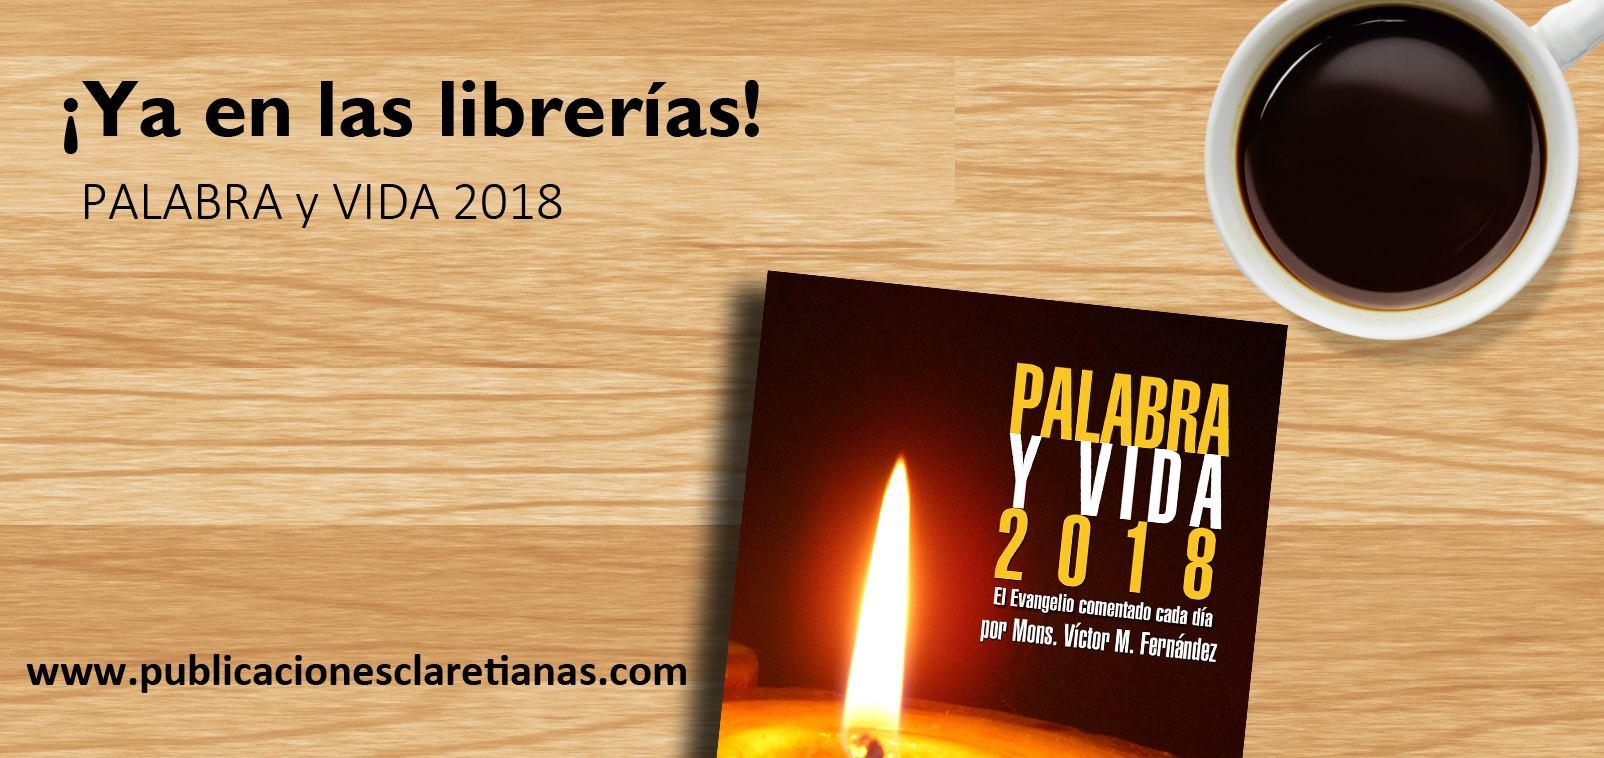 PALABRA Y VIDA 2018, EL EVANGELIO COMENTADO CADA DÍA, YA A LA VENTA EN LAS LIBRERÍAS